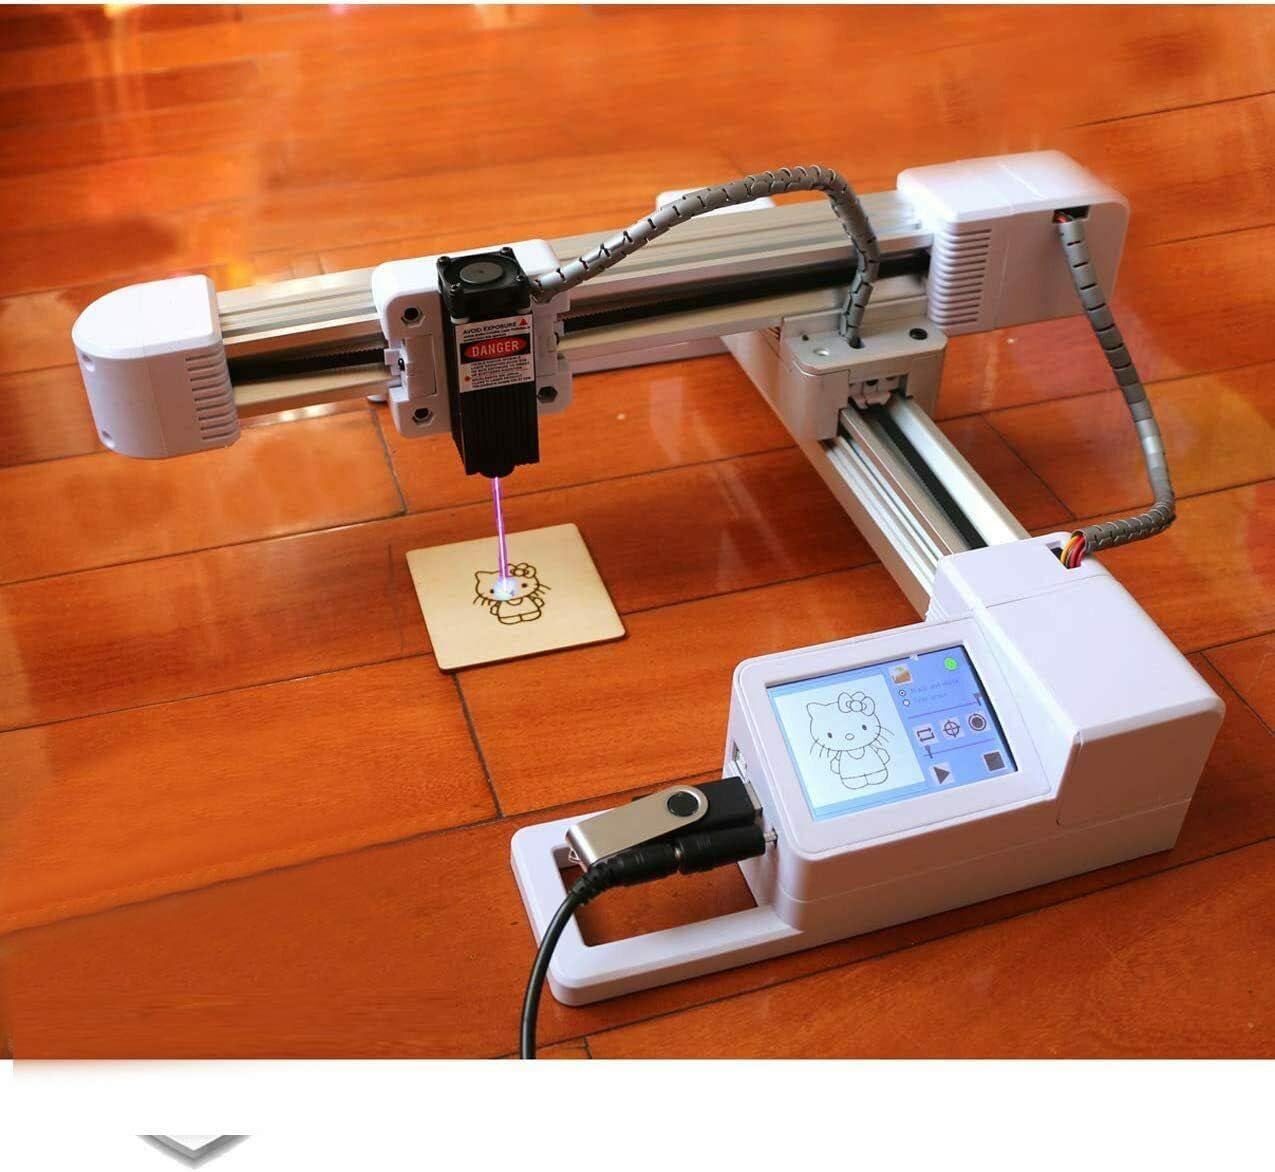 2. GanGou Laser Engraving Machine